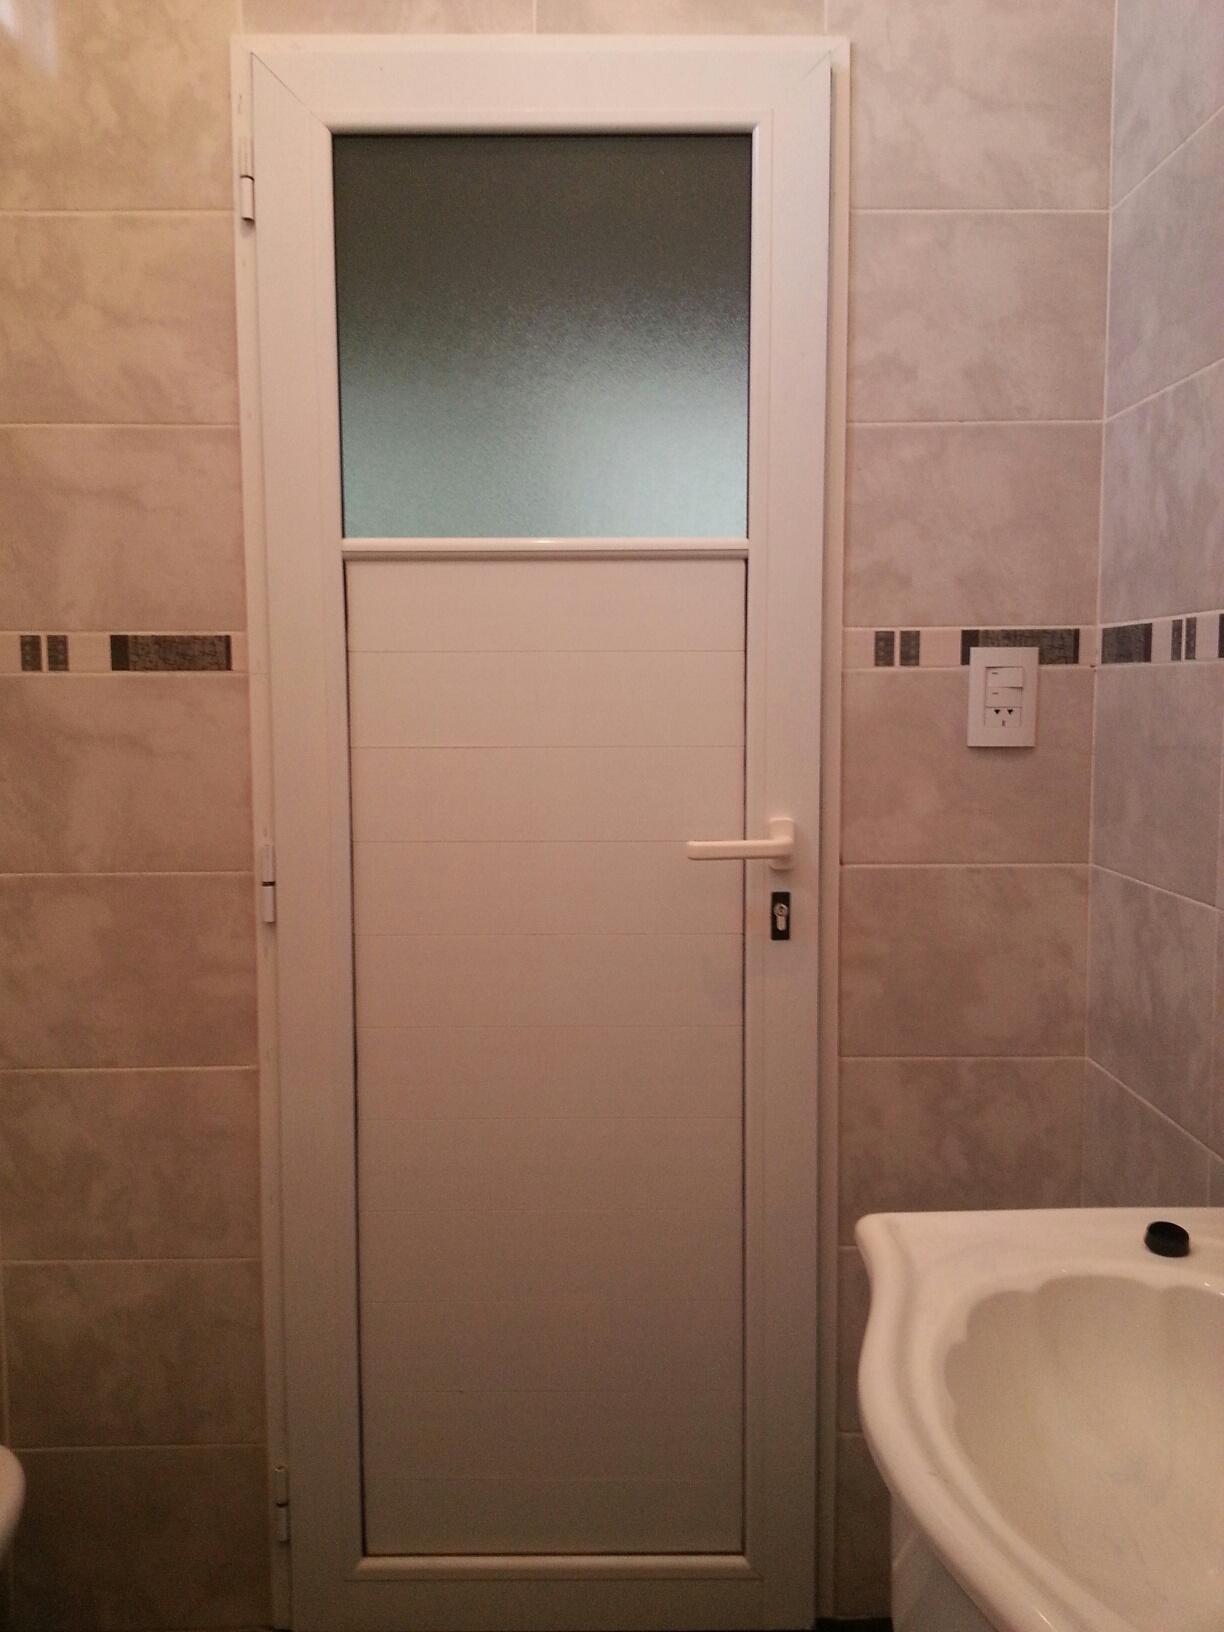 Puertas de aluminio para banos pequenos ispirazione di - Puertas para banos pequenos ...